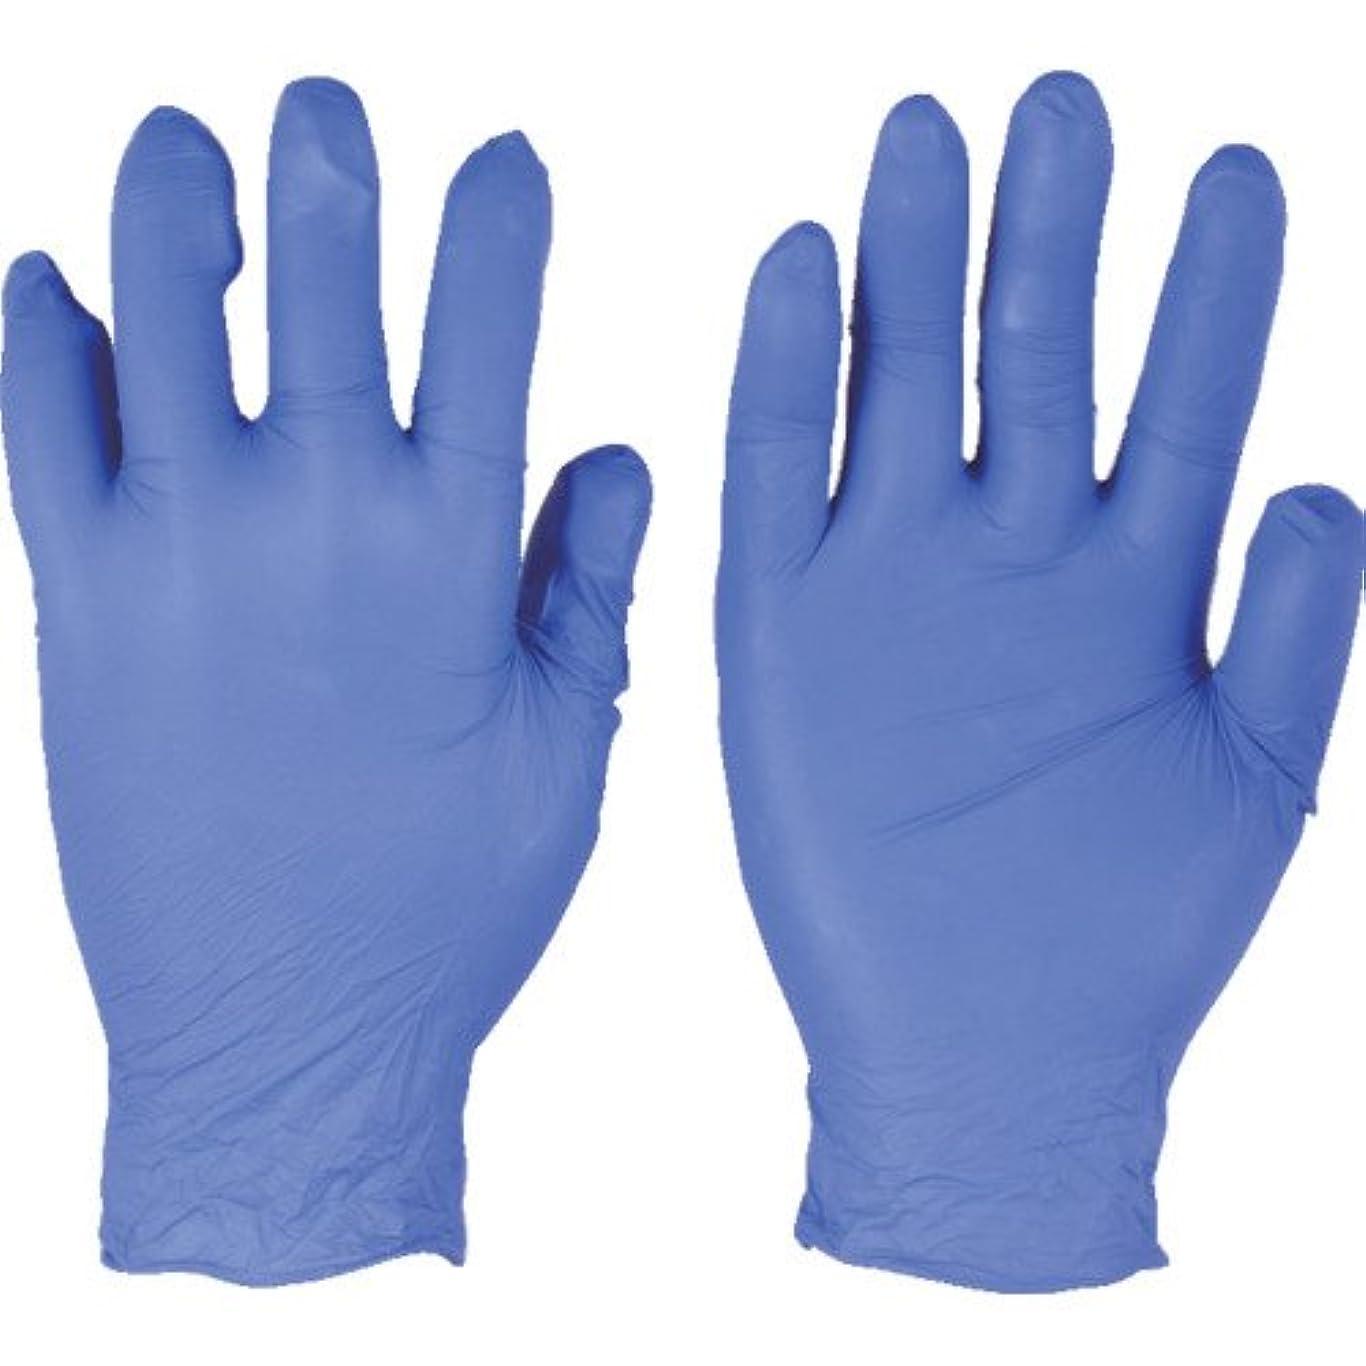 主導権行方不明平衡トラスコ中山 アンセル ニトリルゴム使い捨て手袋 エッジ 82-133 Sサイズ(300枚入り)  (300枚入) 821337